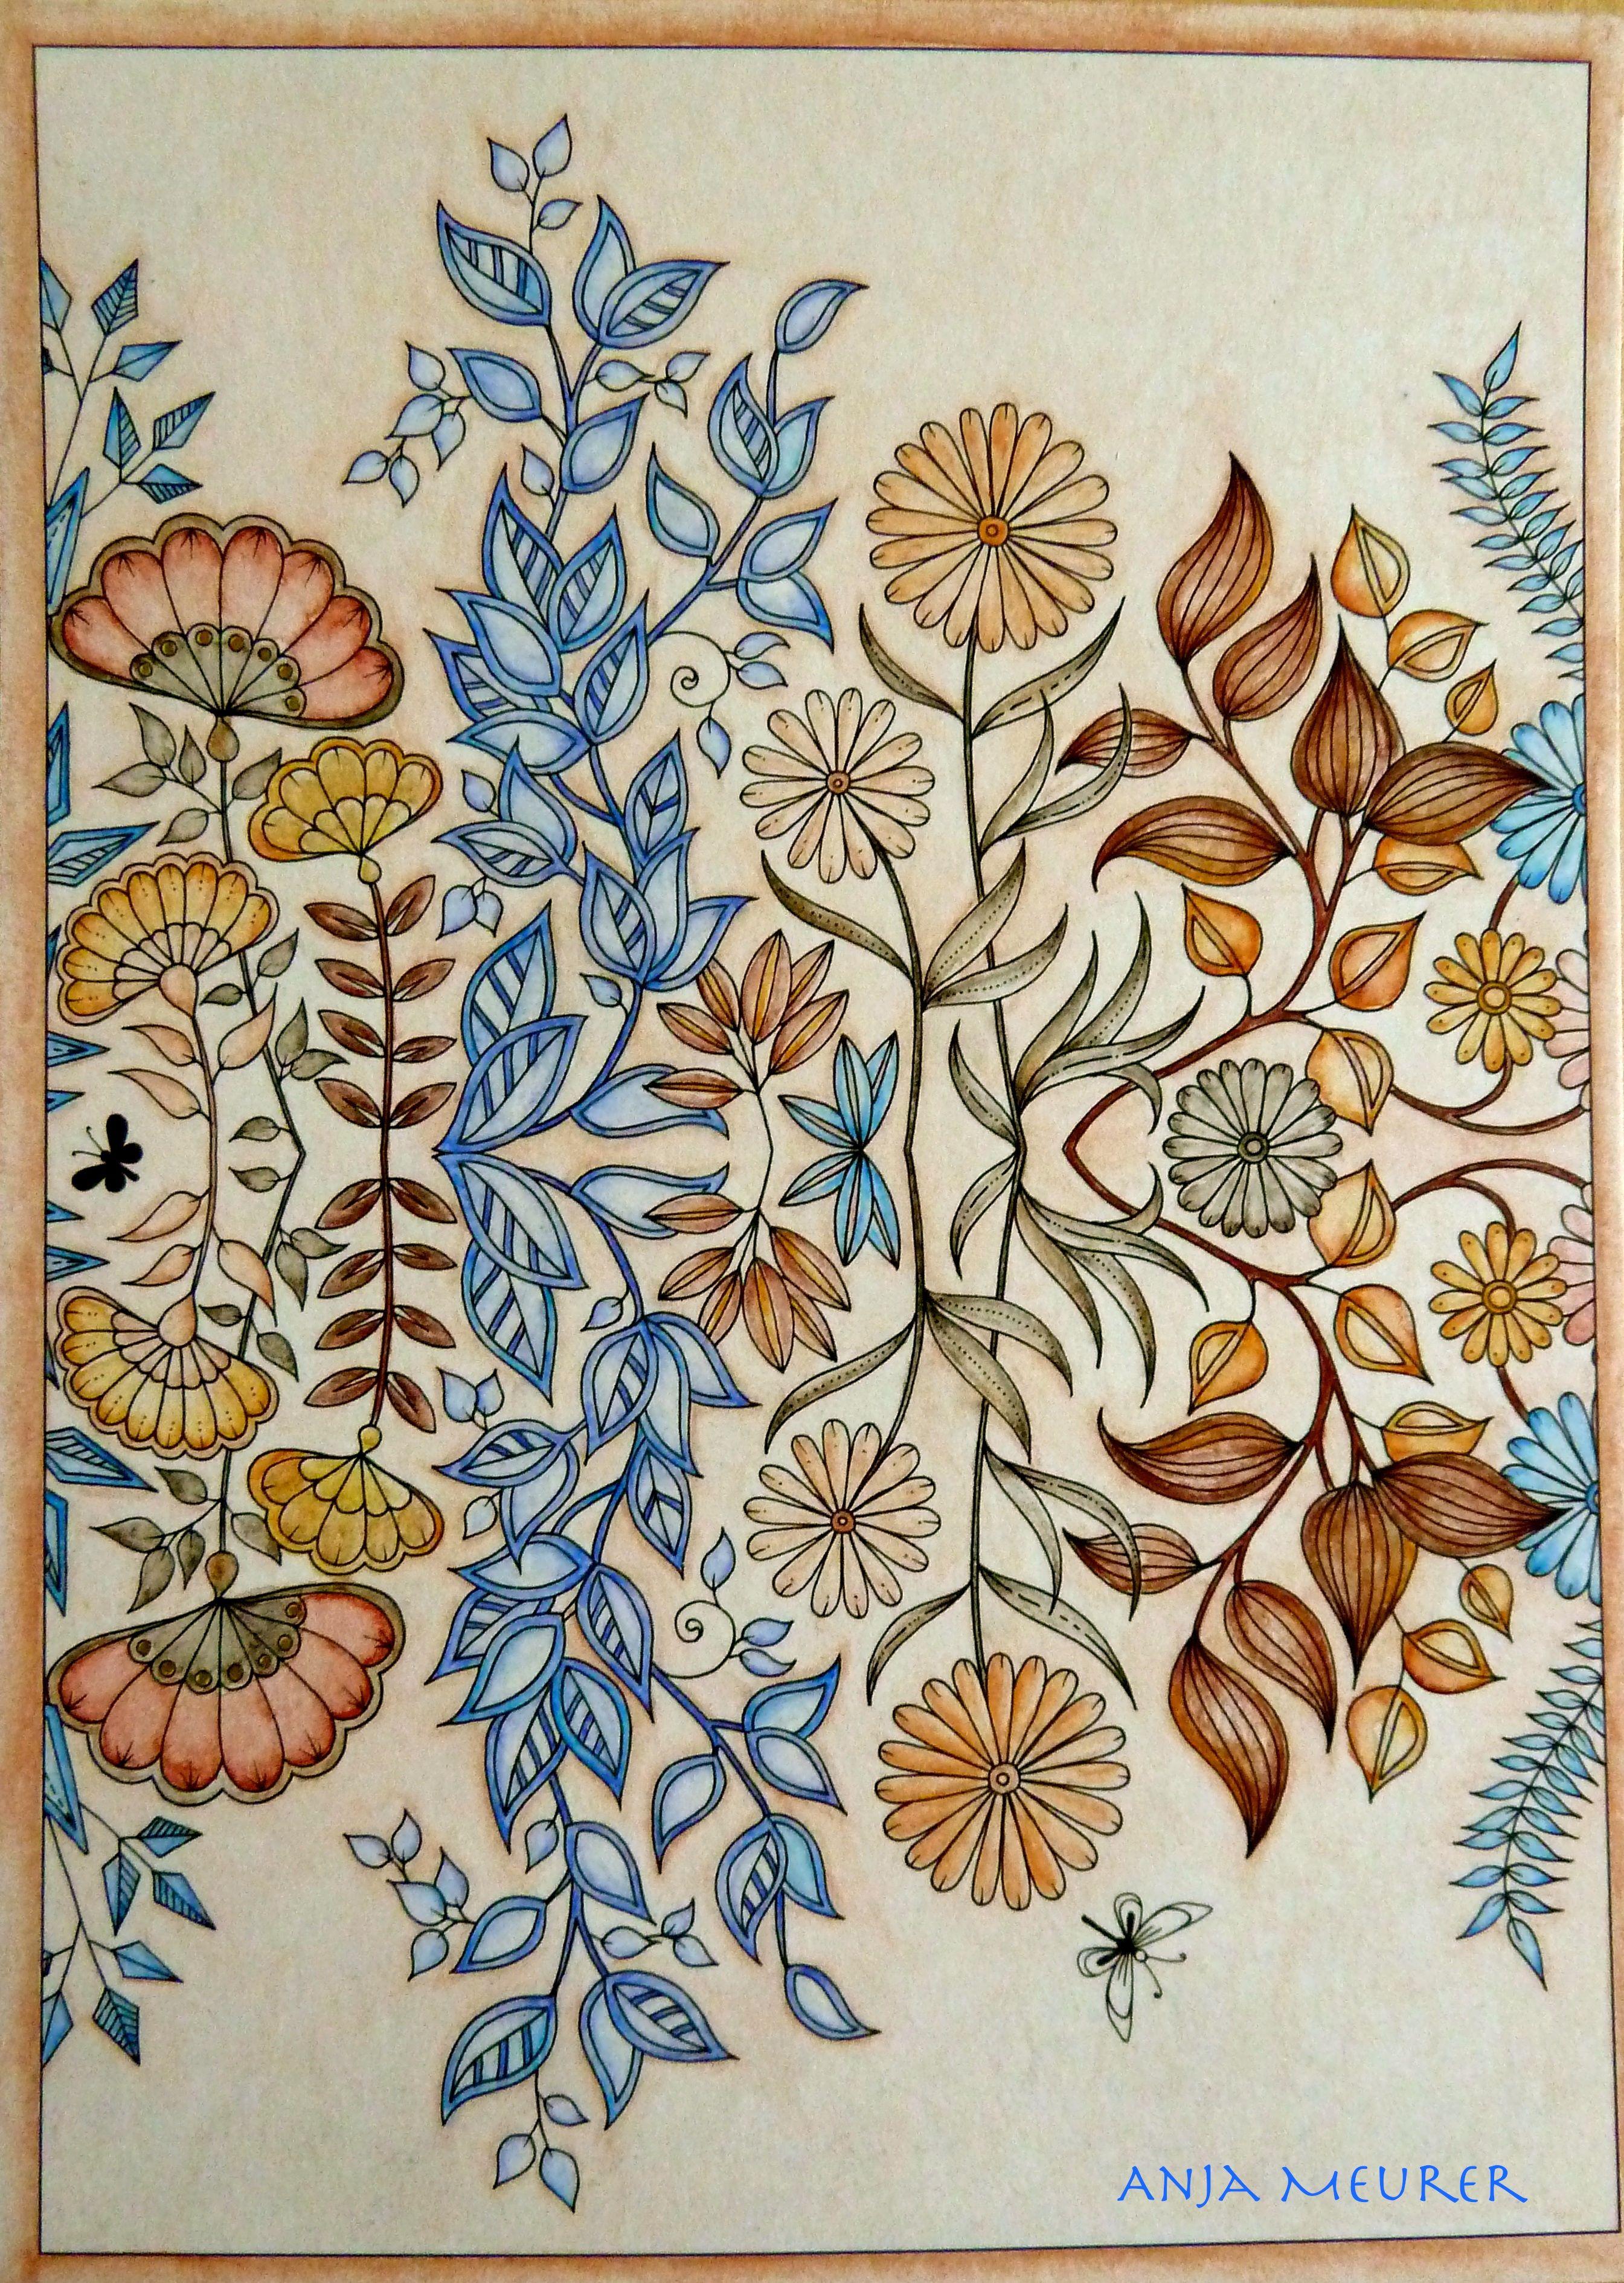 Picture From Johanna Basford Secret Garden Postcards Colouring Anja Meurer Secret Garden Colouring Johanna Basford Secret Garden Secret Garden Coloring Book